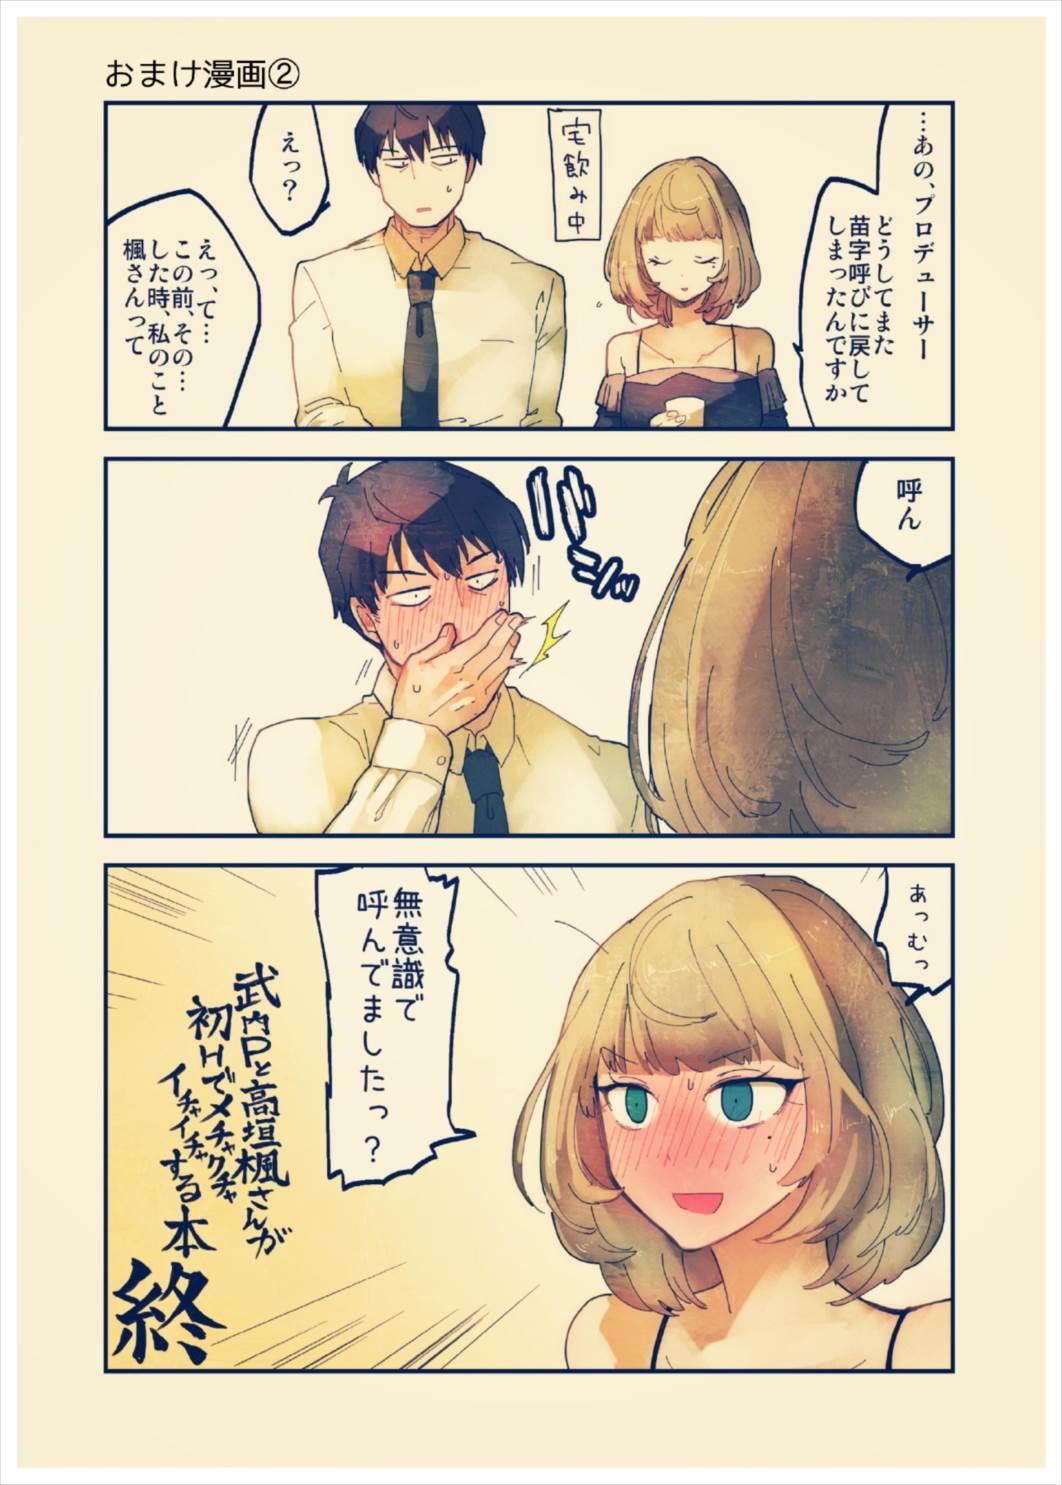 Takeuchi P to Takagaki Kaede-san ga Hatsu H de Mechakucha Ichaicha Suru Hon 31